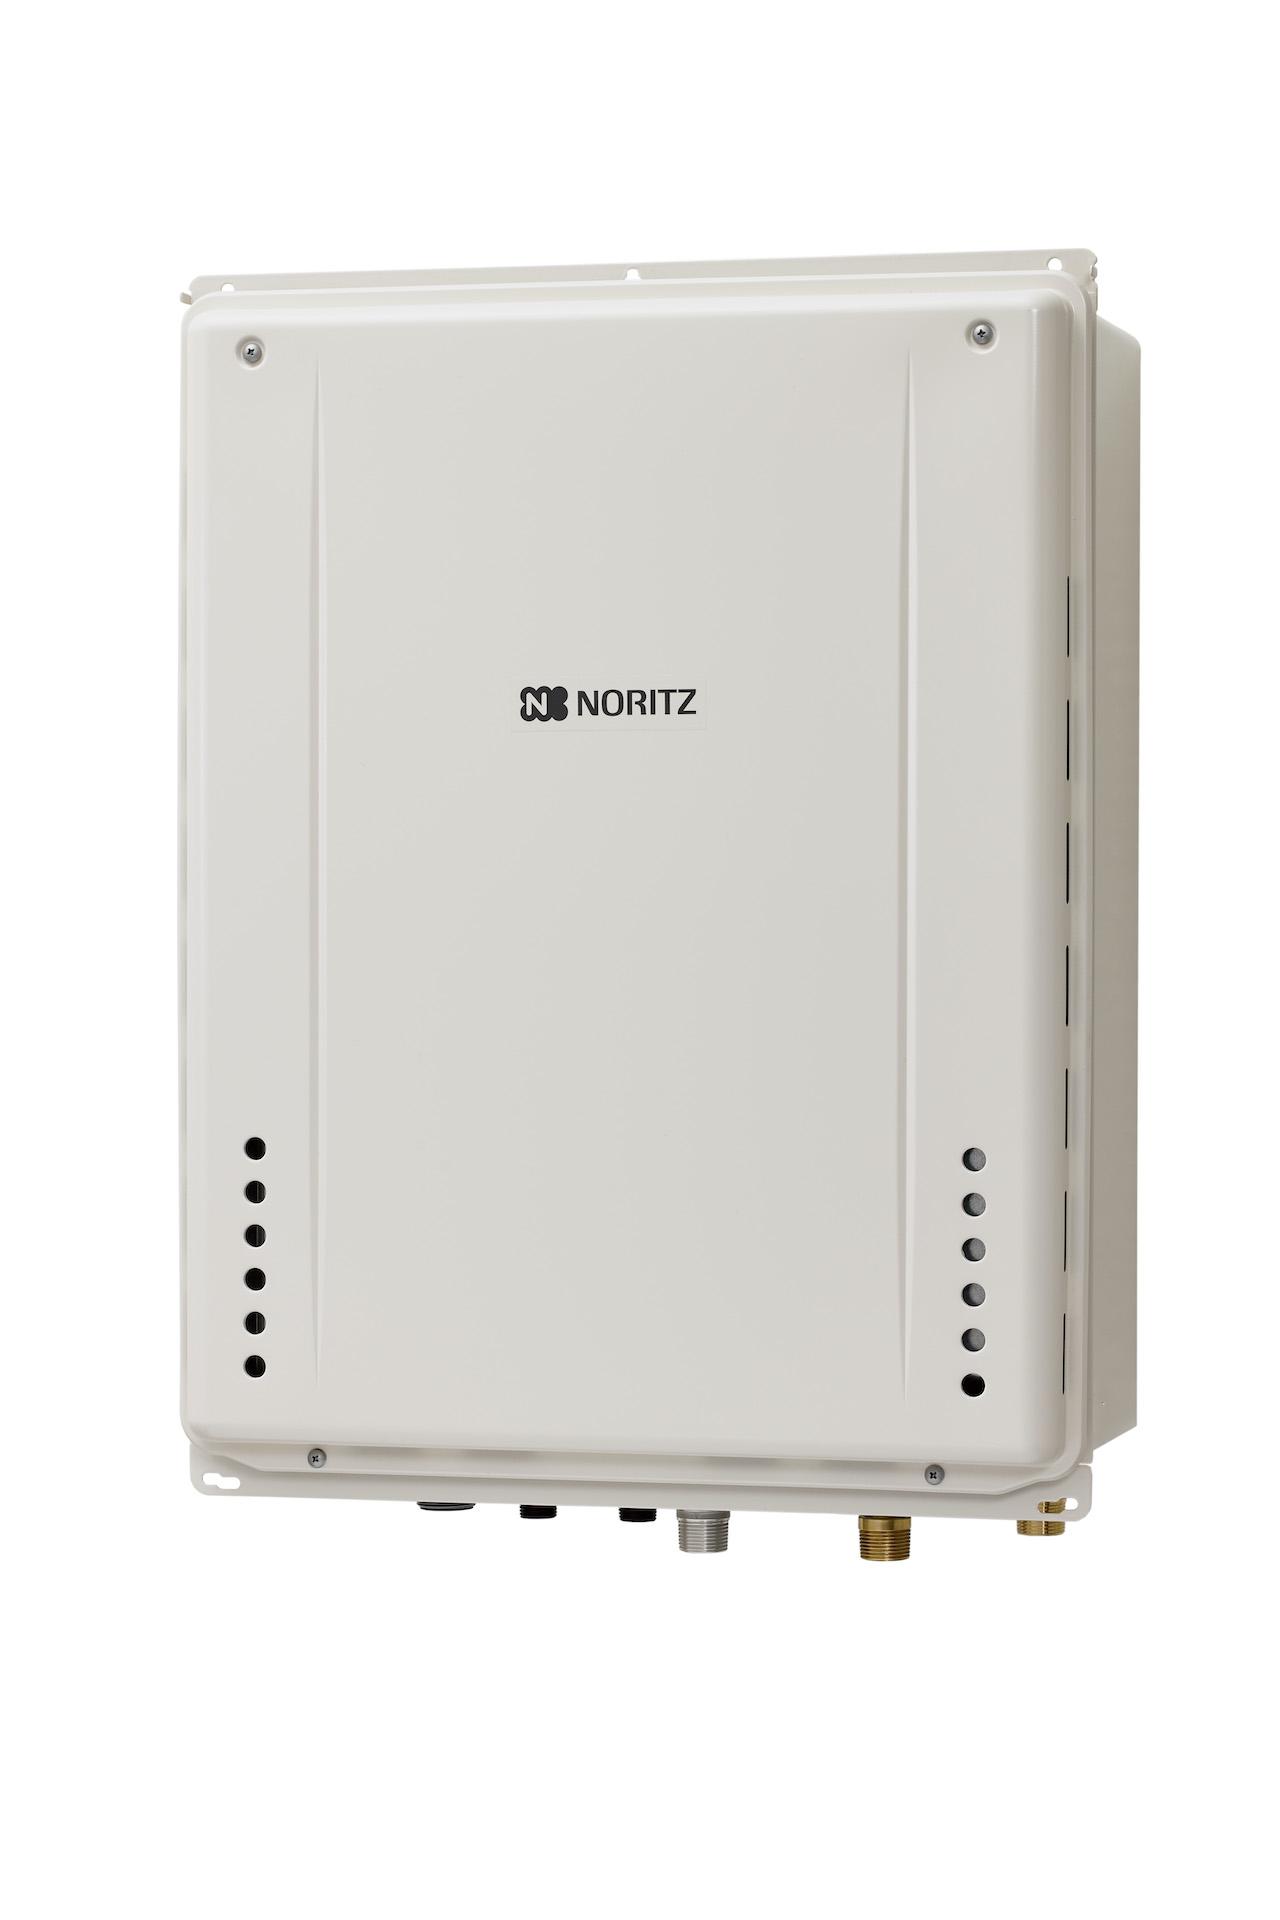 取付工事可能 日本正規代理店品 ノーリツ 安い 激安 プチプラ 高品質 ガスふろ給湯器 BL GT-2460AWX-H-2